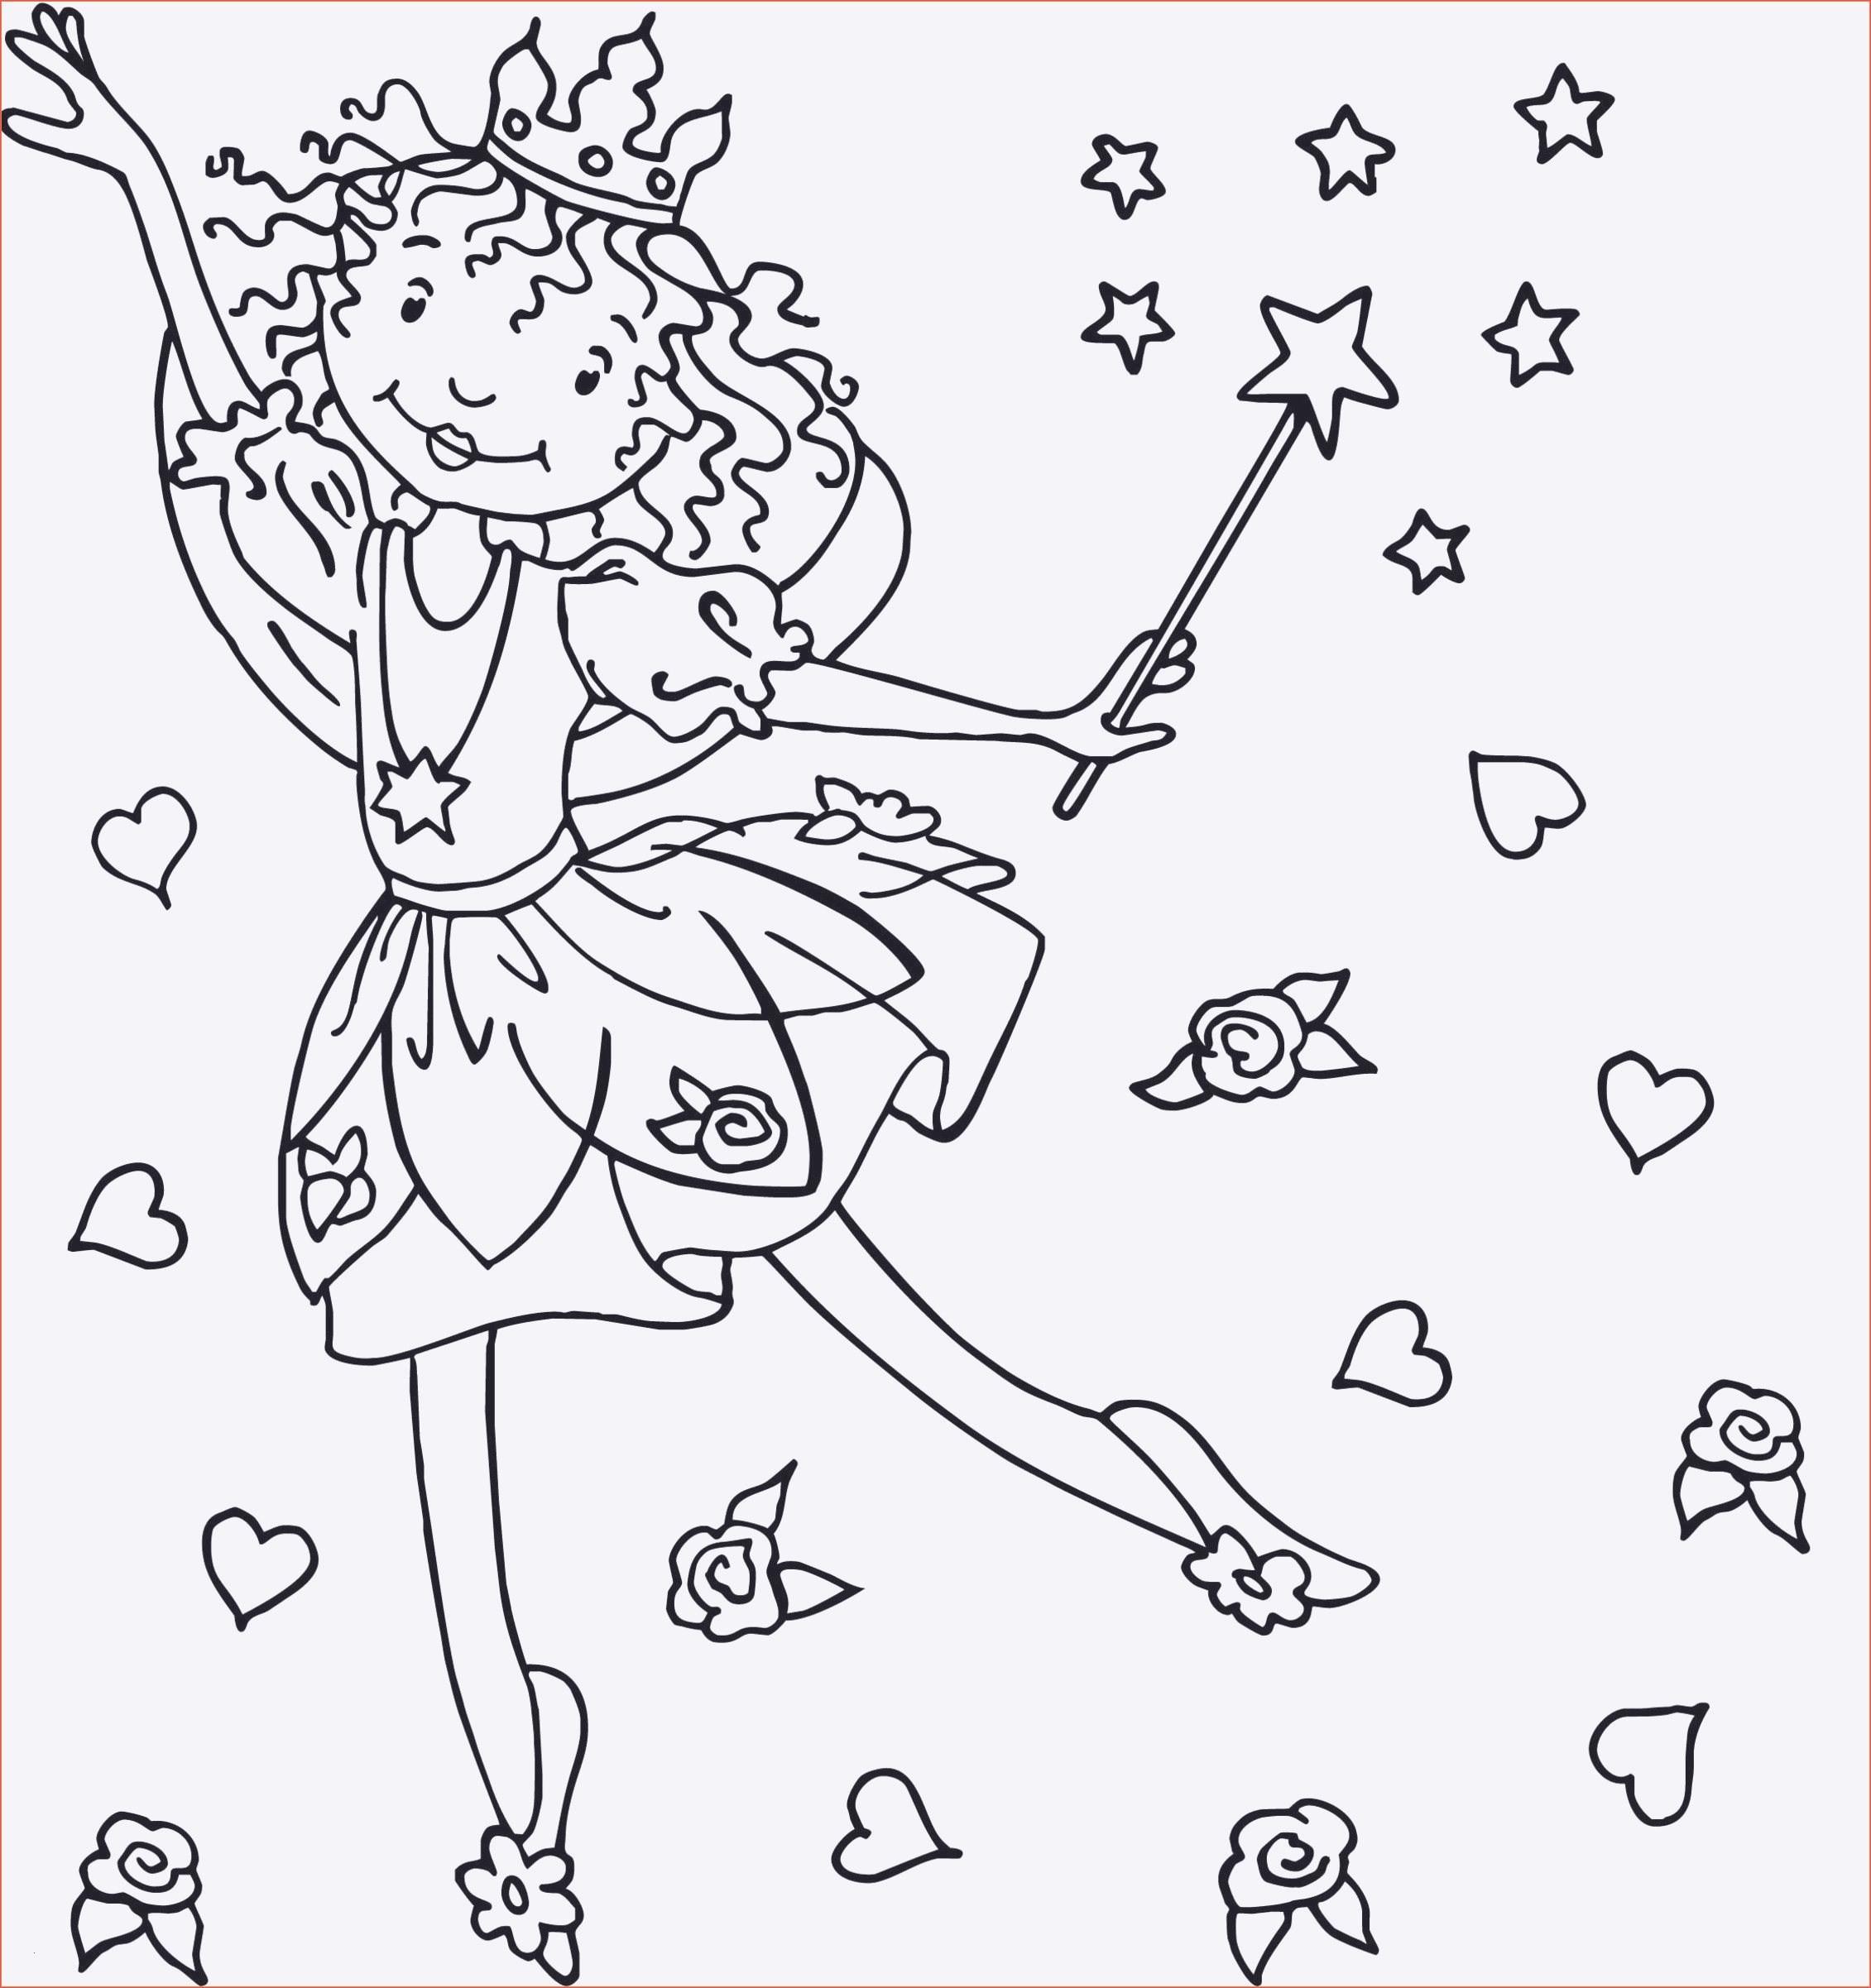 Ausmalbilder Disney Prinzessin Jasmin Frisch 50 Neu Ausmalbilder Prinzessin Disney Beste Malvorlage Das Bild